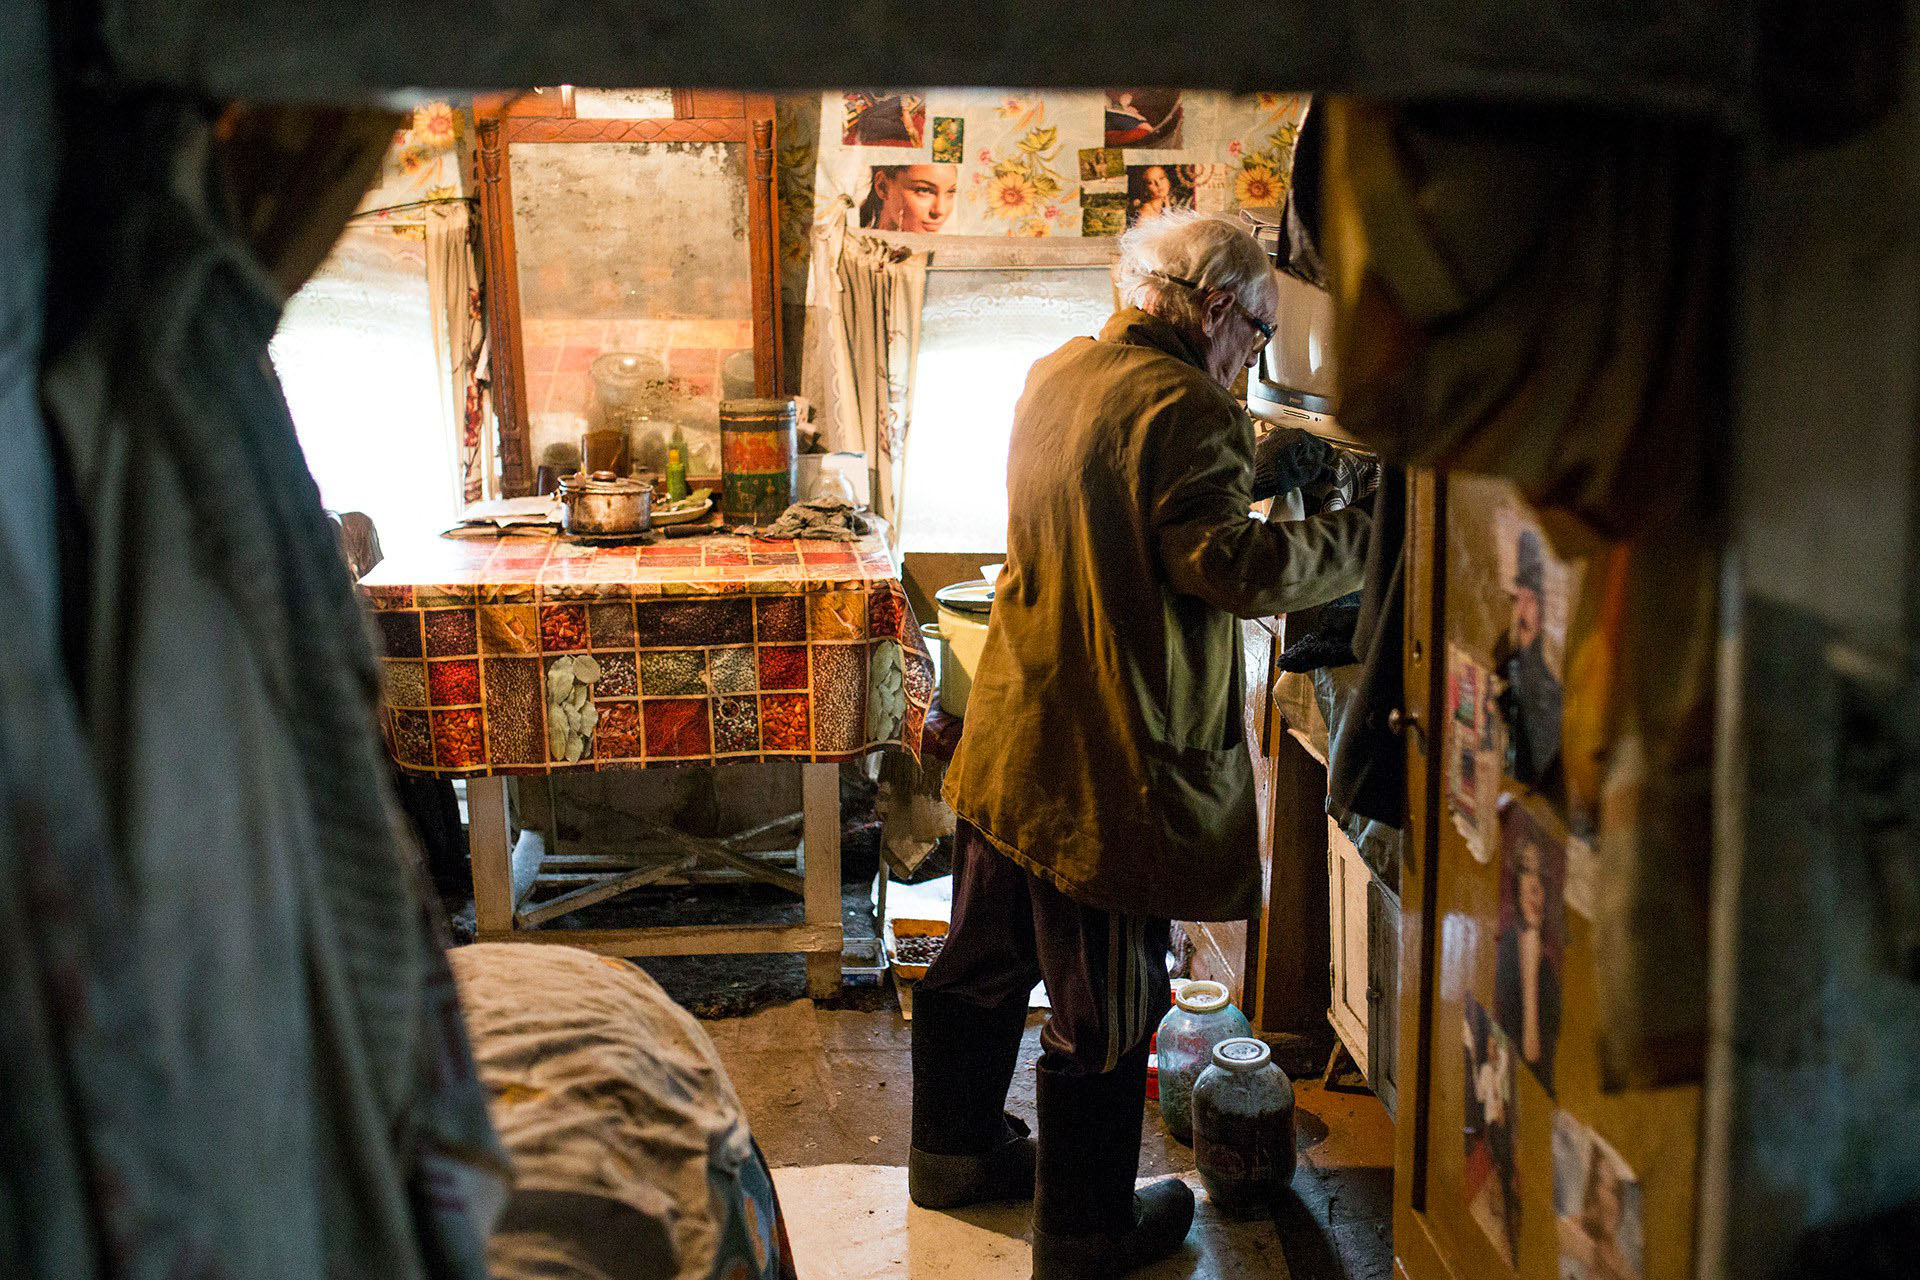 Изба изнутри малюсенькая - это вся комната для житья